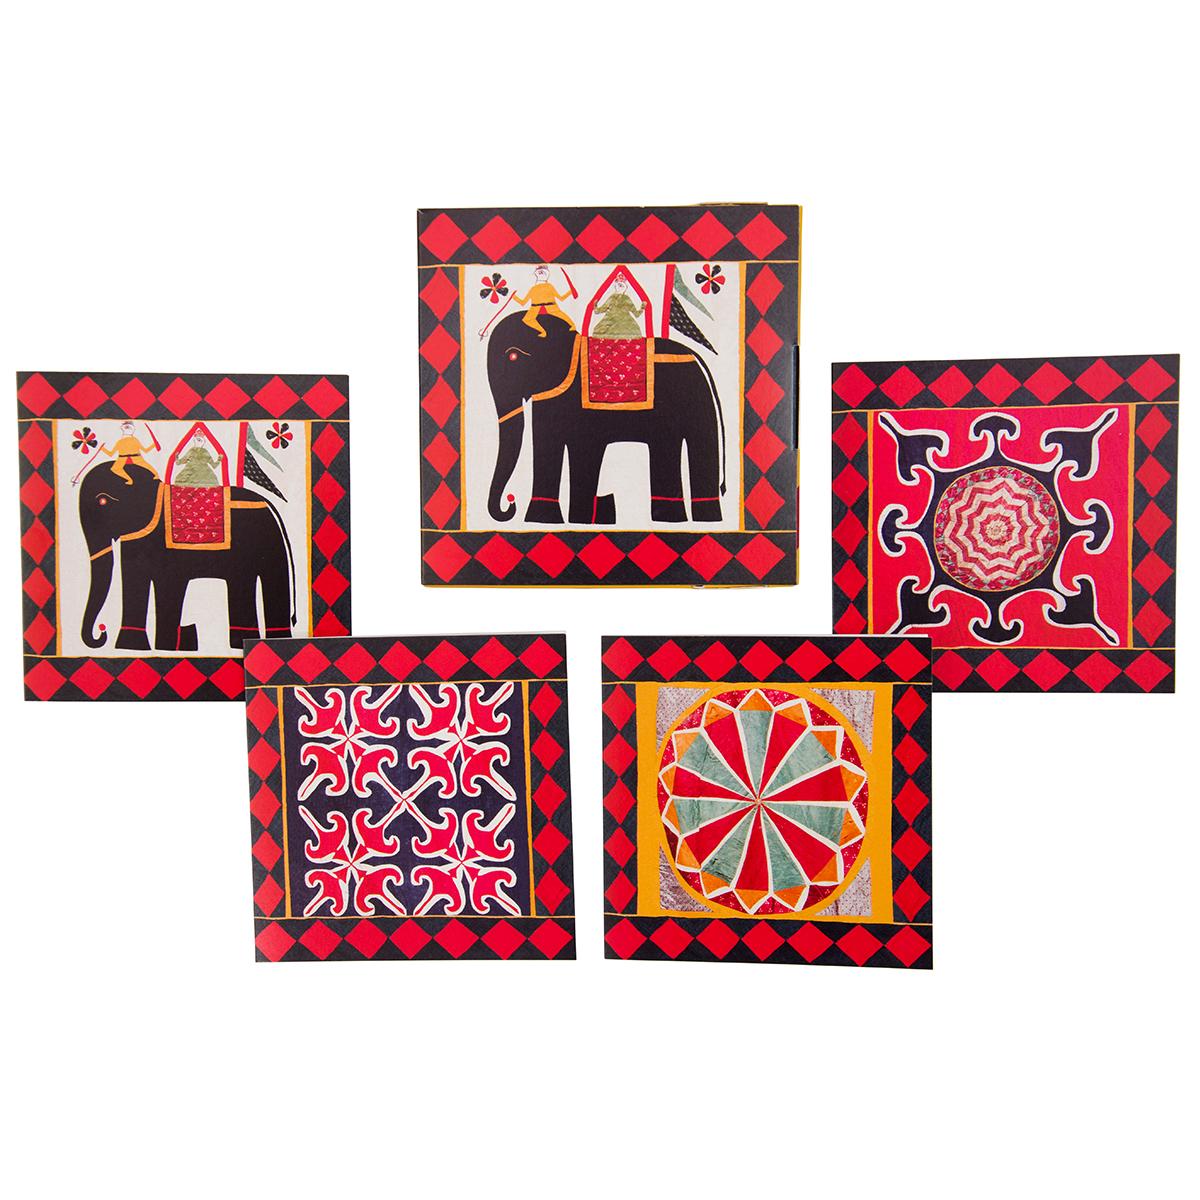 Indian textiles notecards